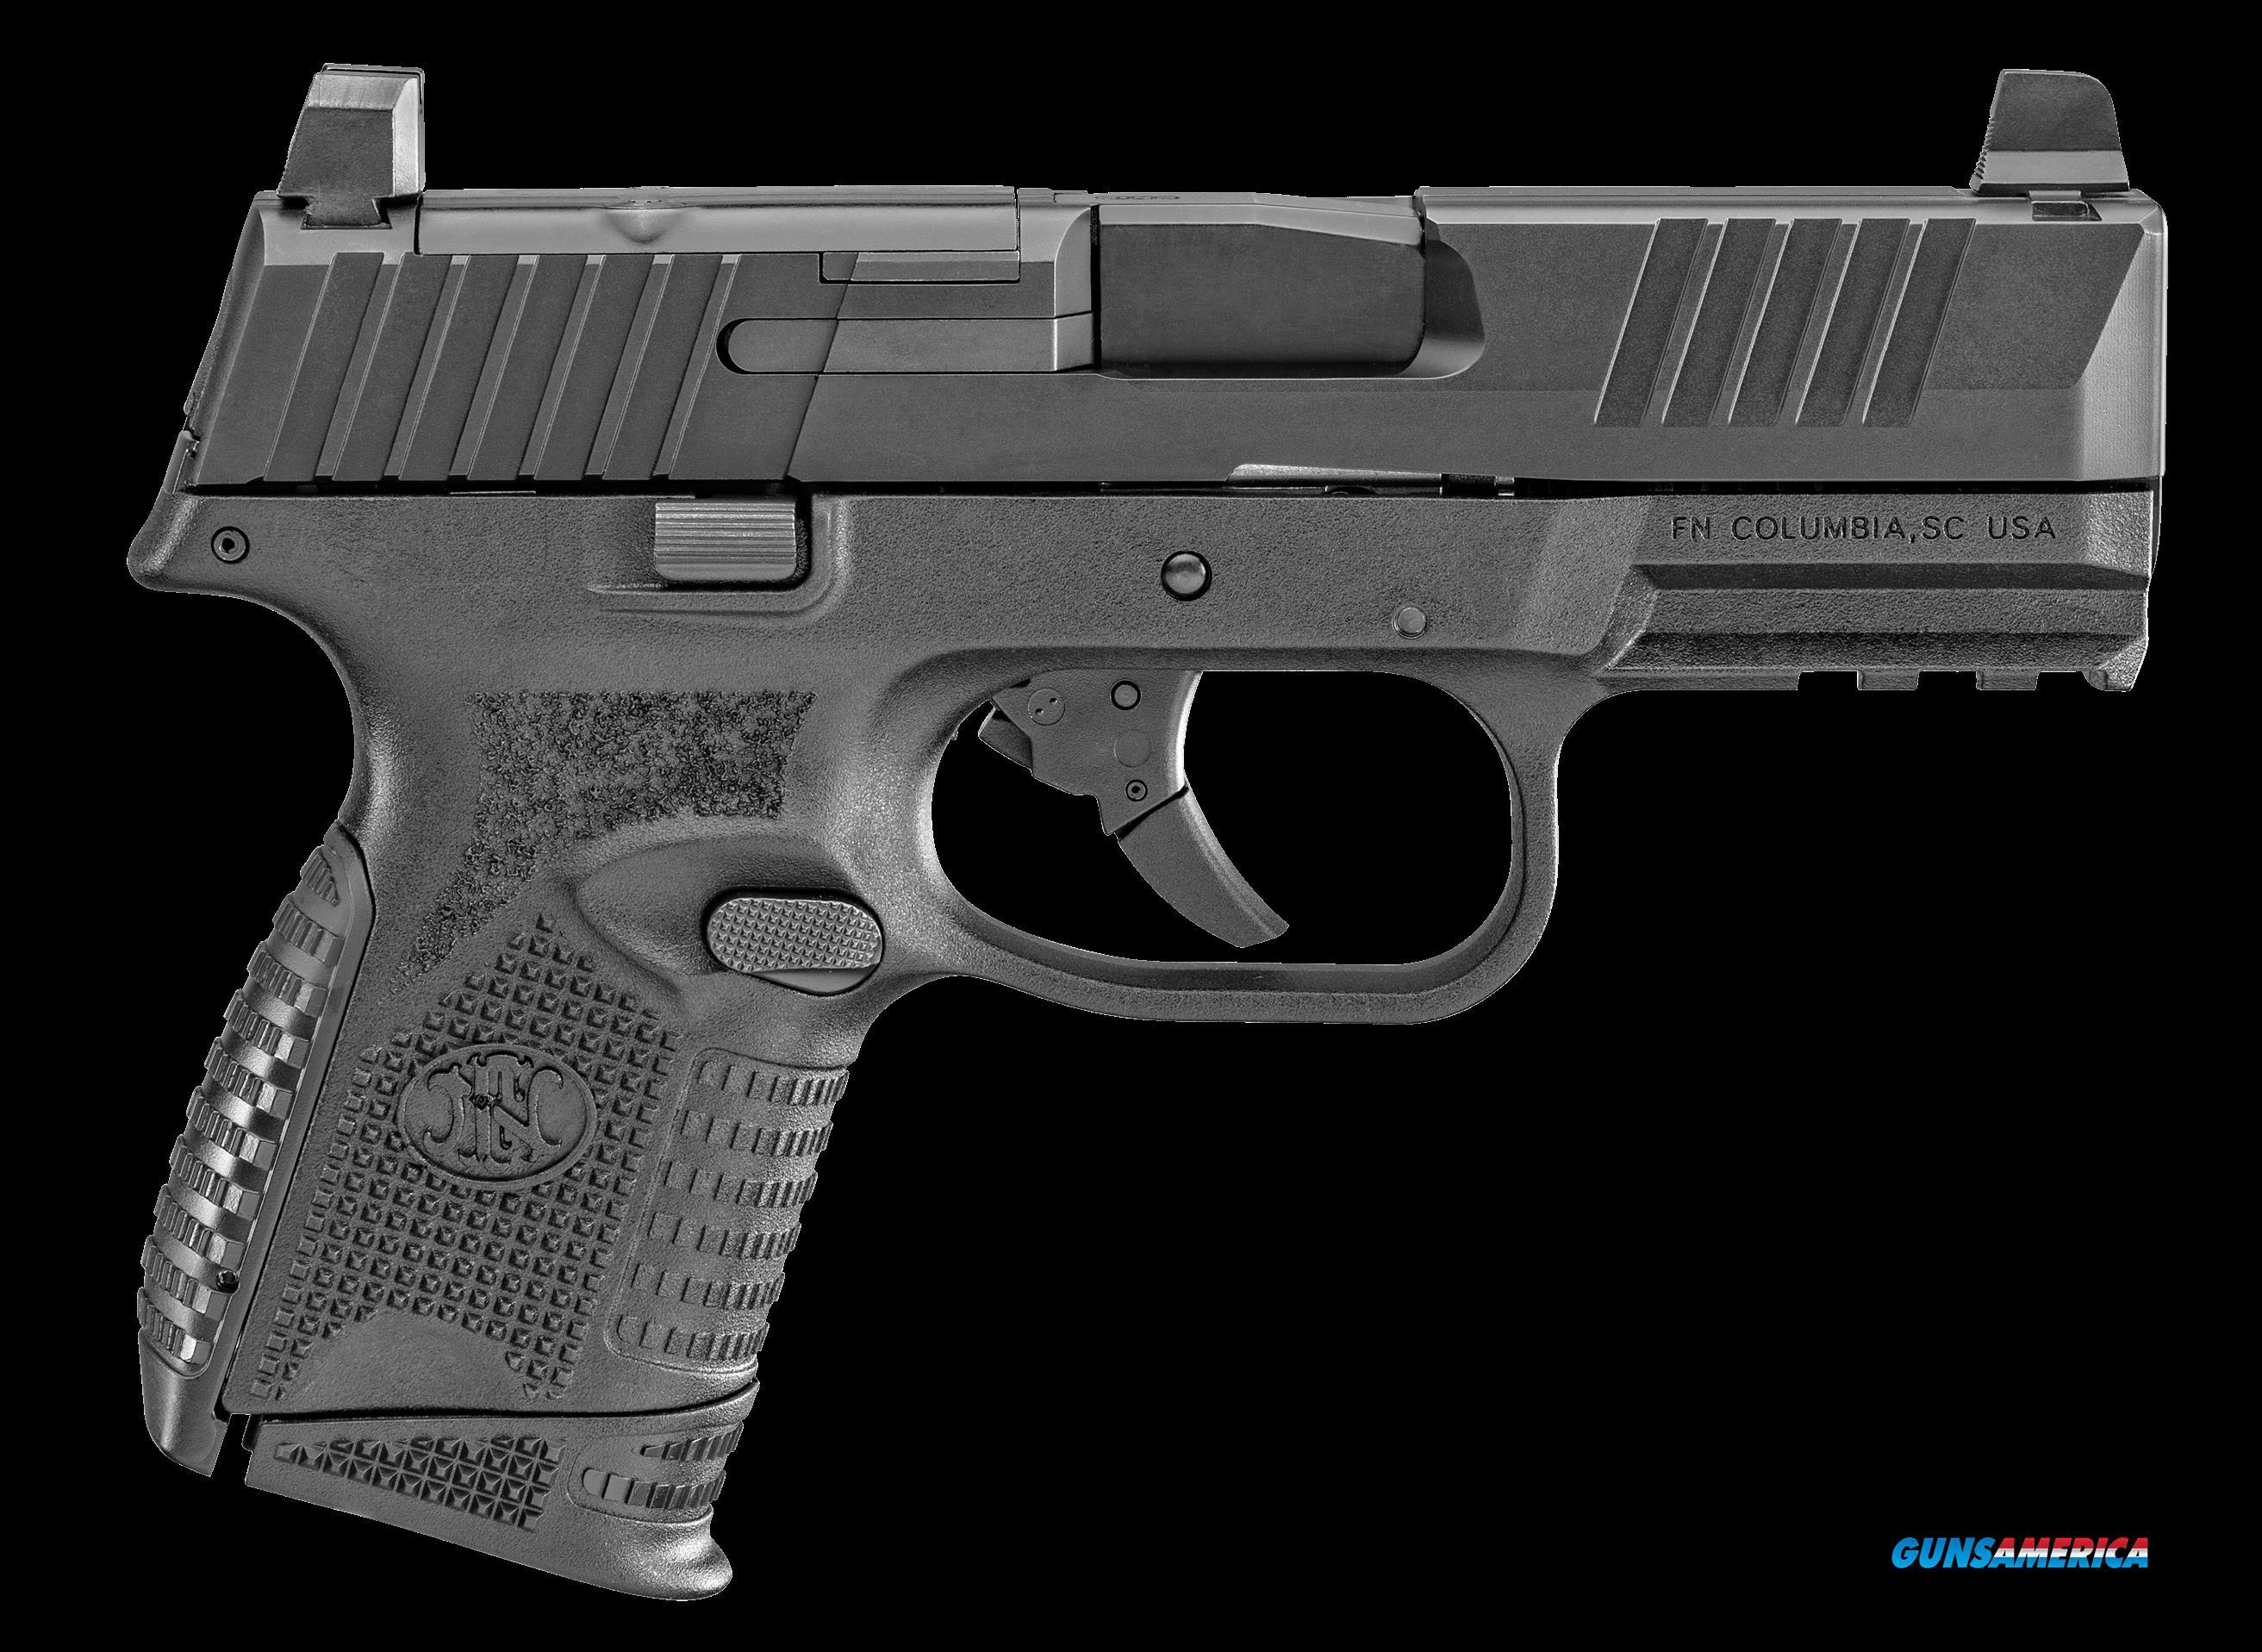 Fn 509c, Fn 66100571   509c Cmp 9mm Nms Mrd 12-15  Blk-blk  Guns > Pistols > 1911 Pistol Copies (non-Colt)